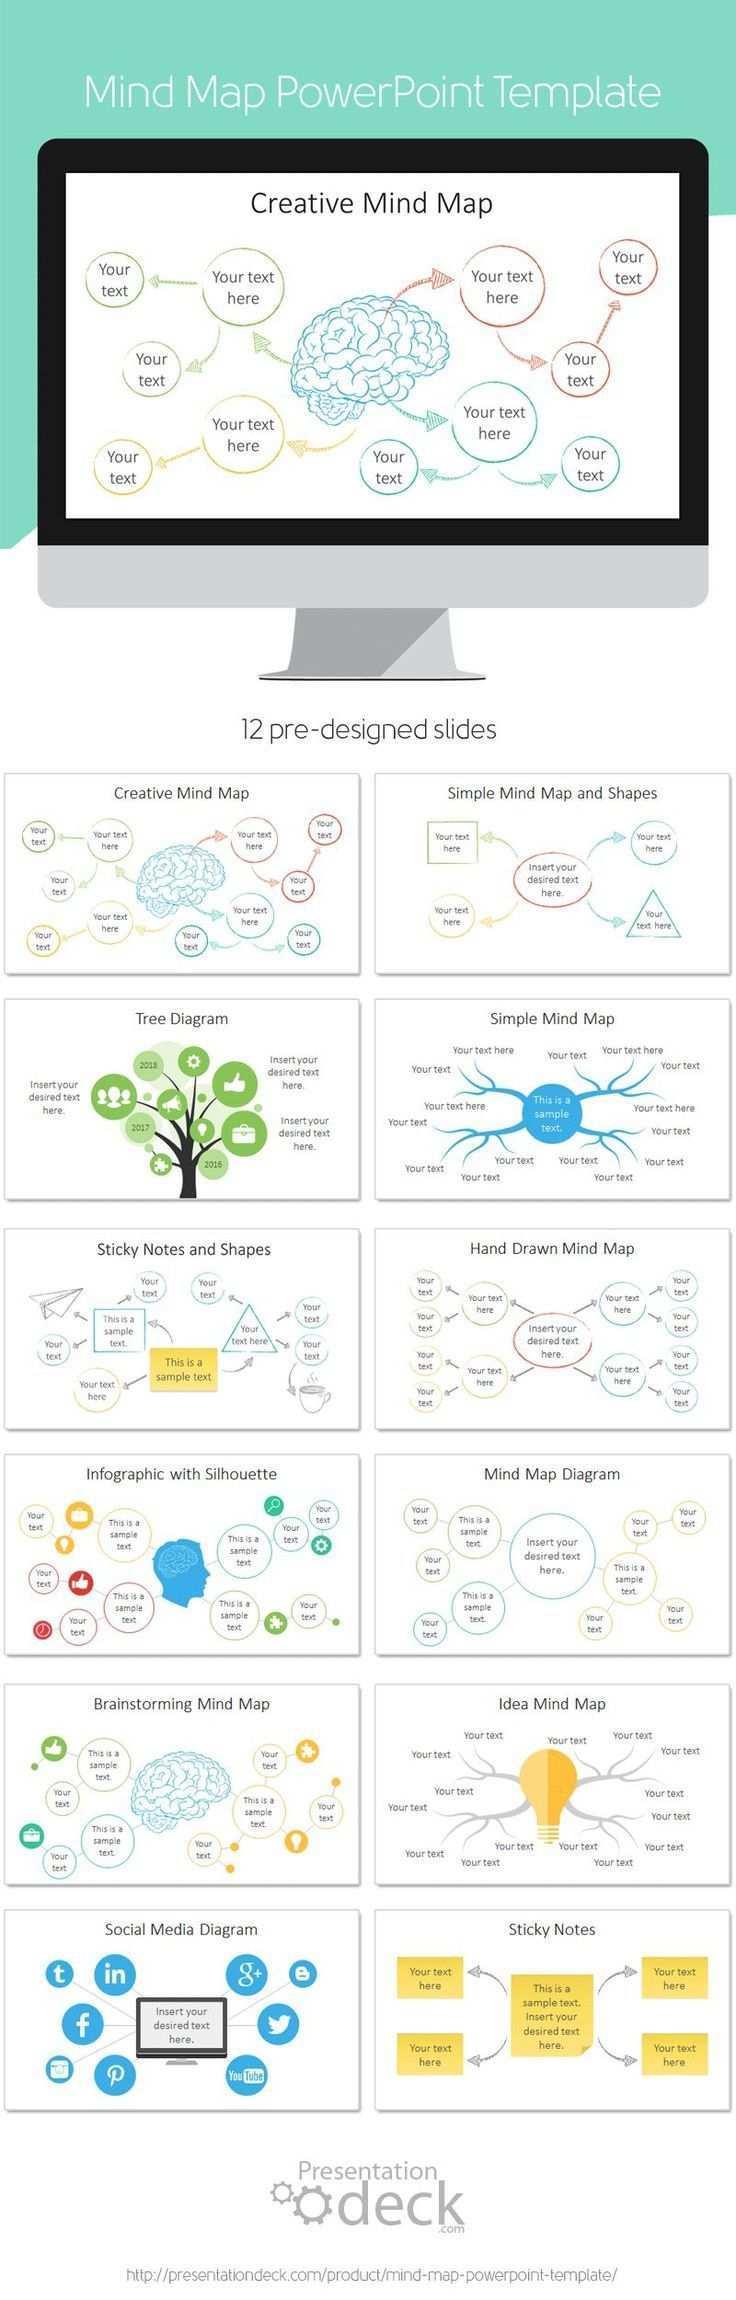 Mindmap Erstellen Um Ordnung In Den Kopf Zu Bekommen Mindmapping Kreative Mindmap Mind Map Mindmap